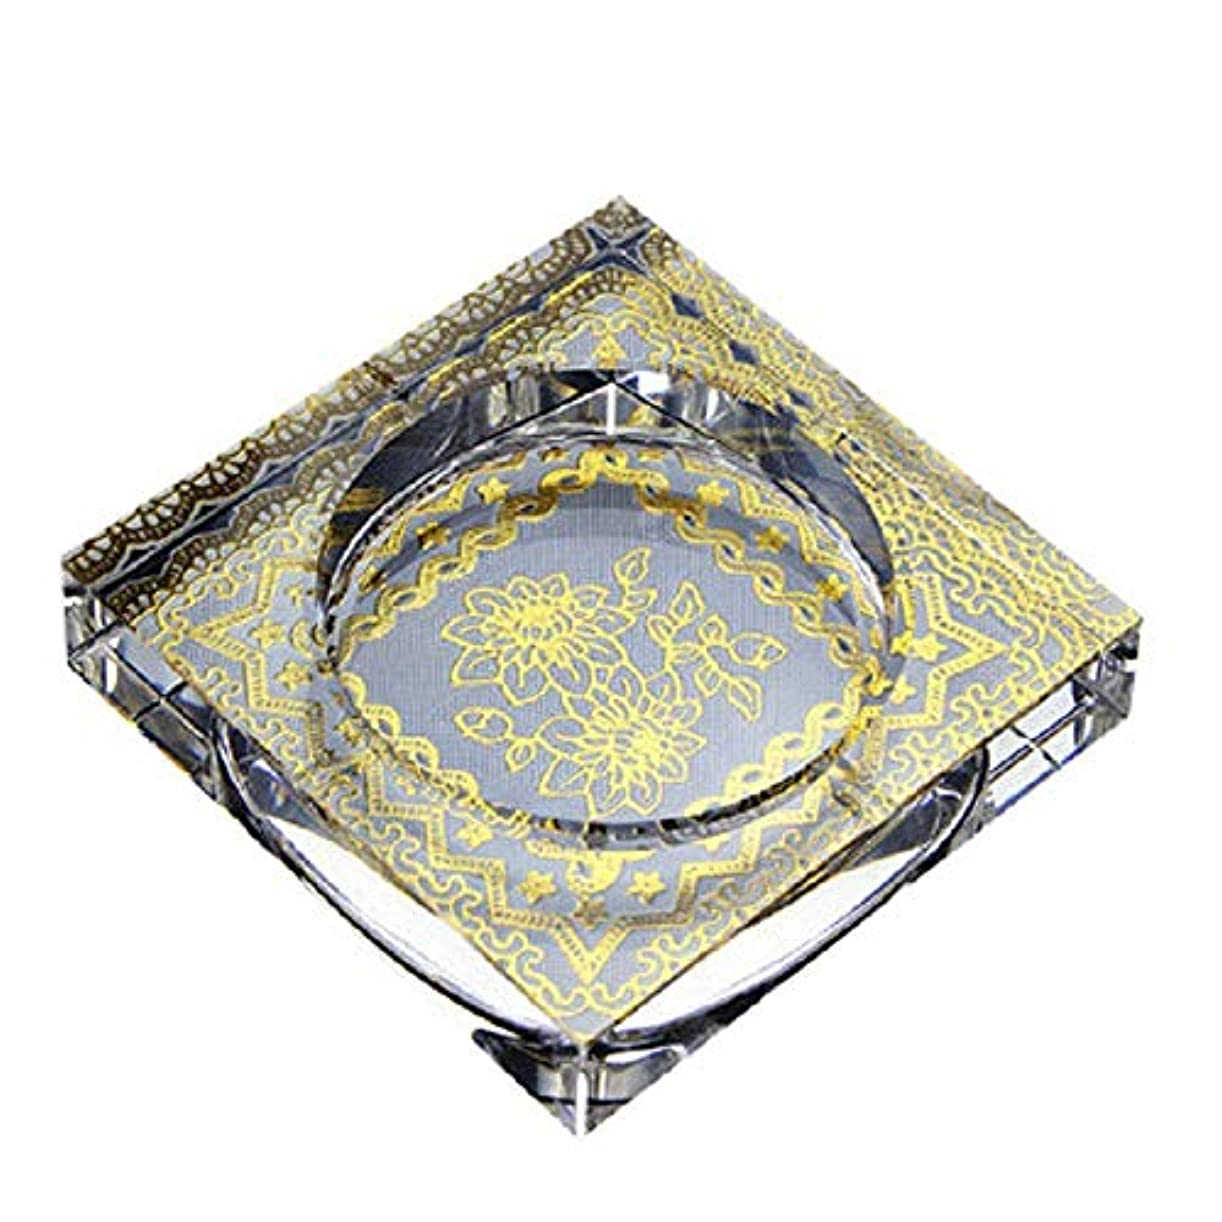 操作石鹸変位タバコ、ギフトおよび総本店の装飾のための灰皿の円形の光沢のある水晶灰皿